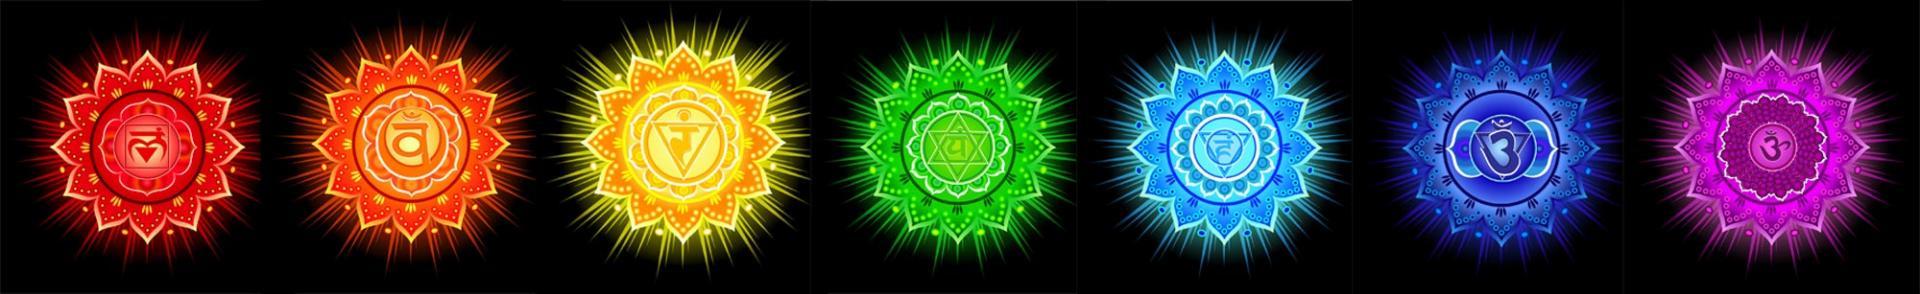 Chakras equilibrium 0504201902